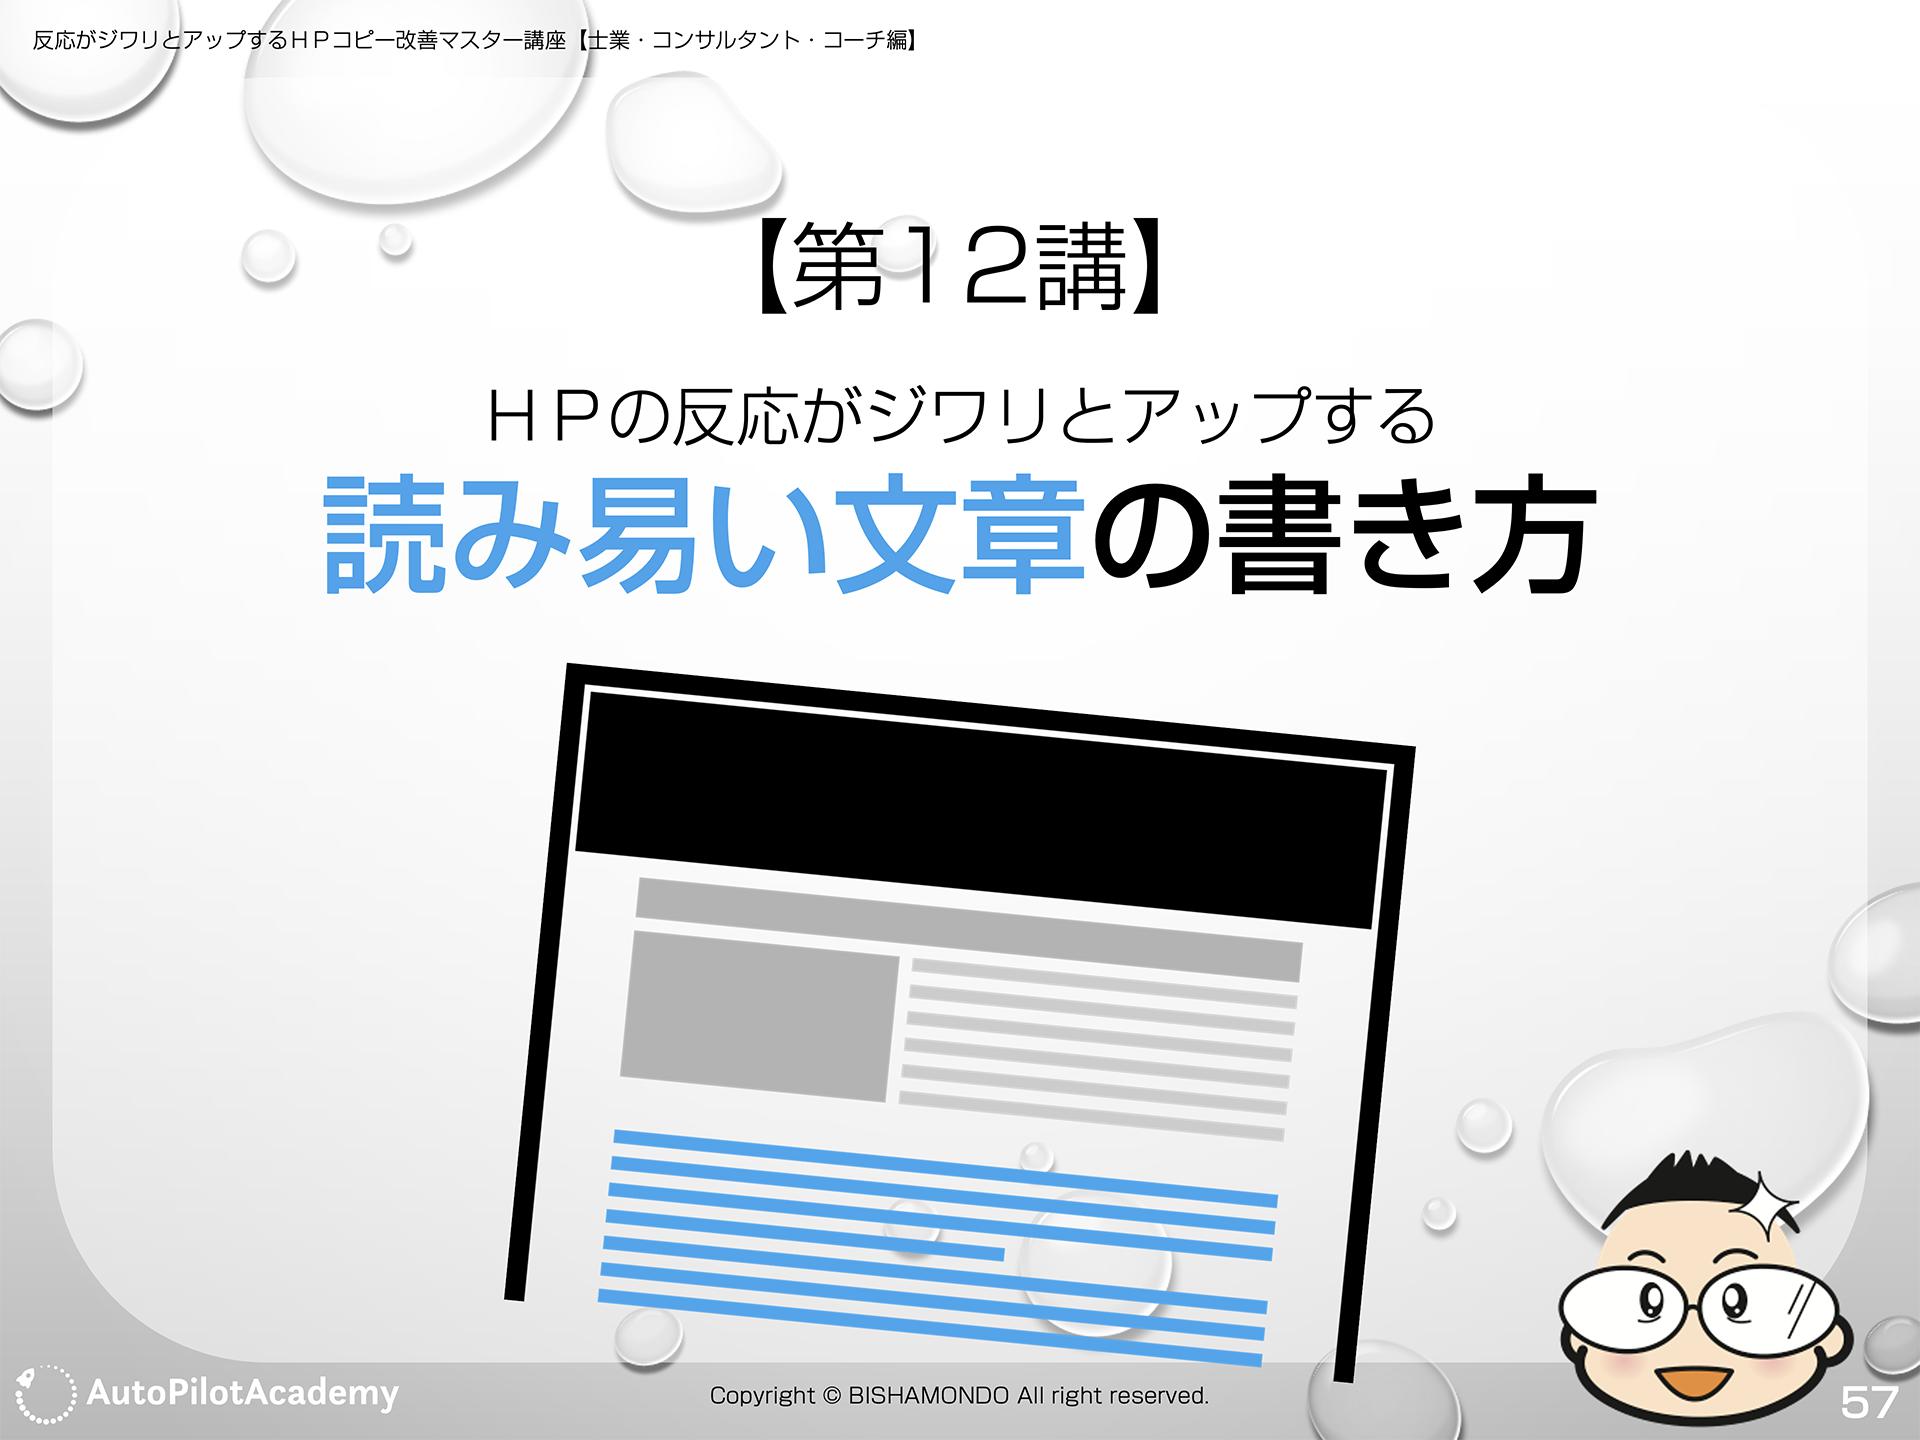 【第12講】HPの反応がジワリとアップする読み易い文章の書き方